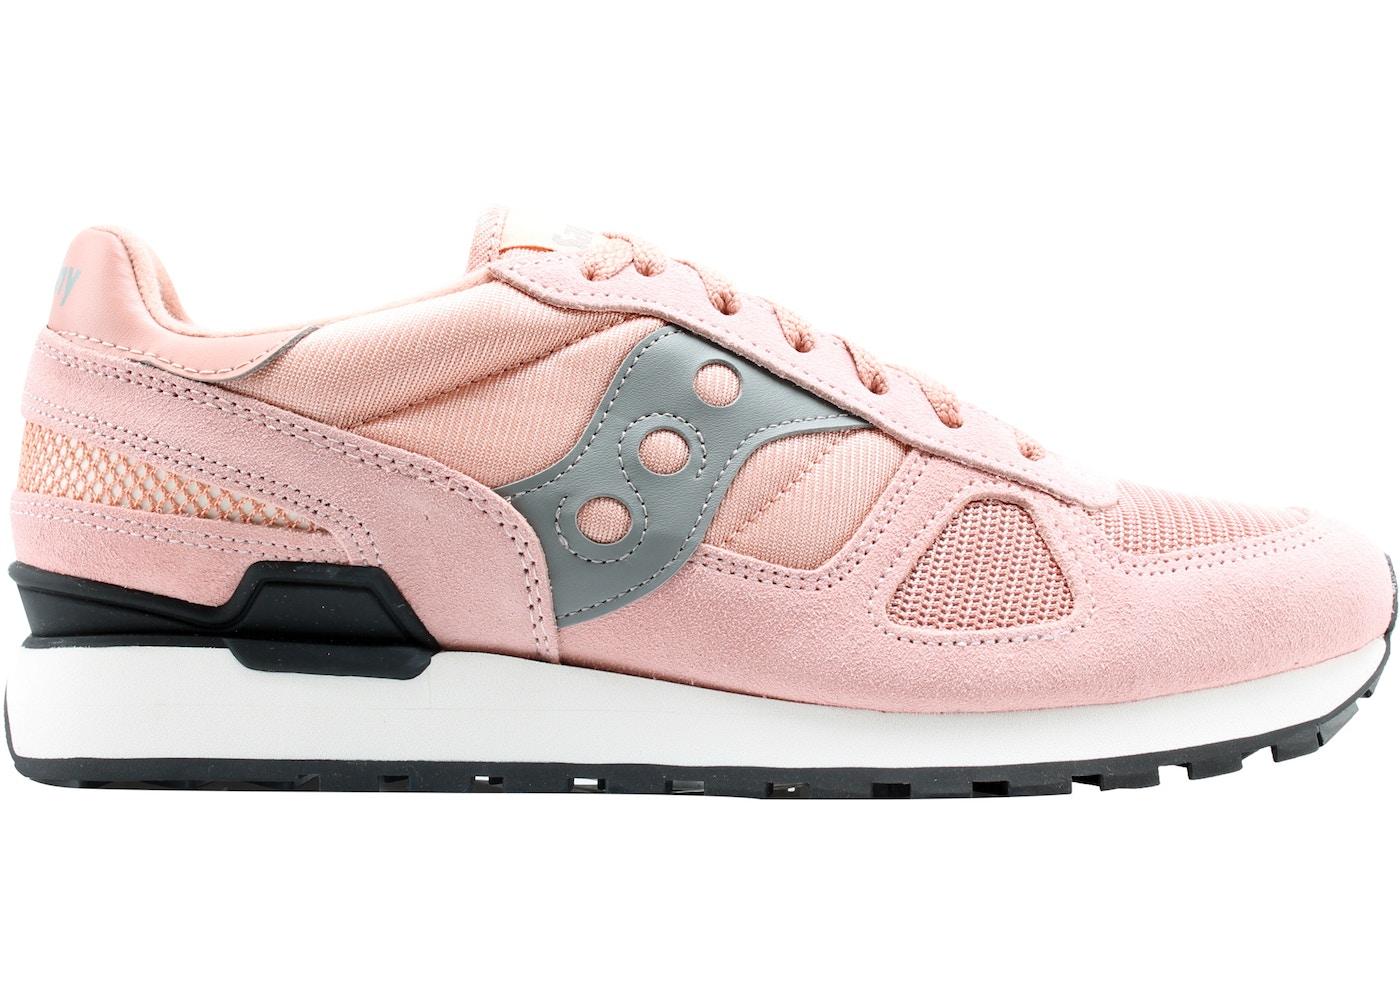 538c79cb Saucony Shoes - Lowest Ask